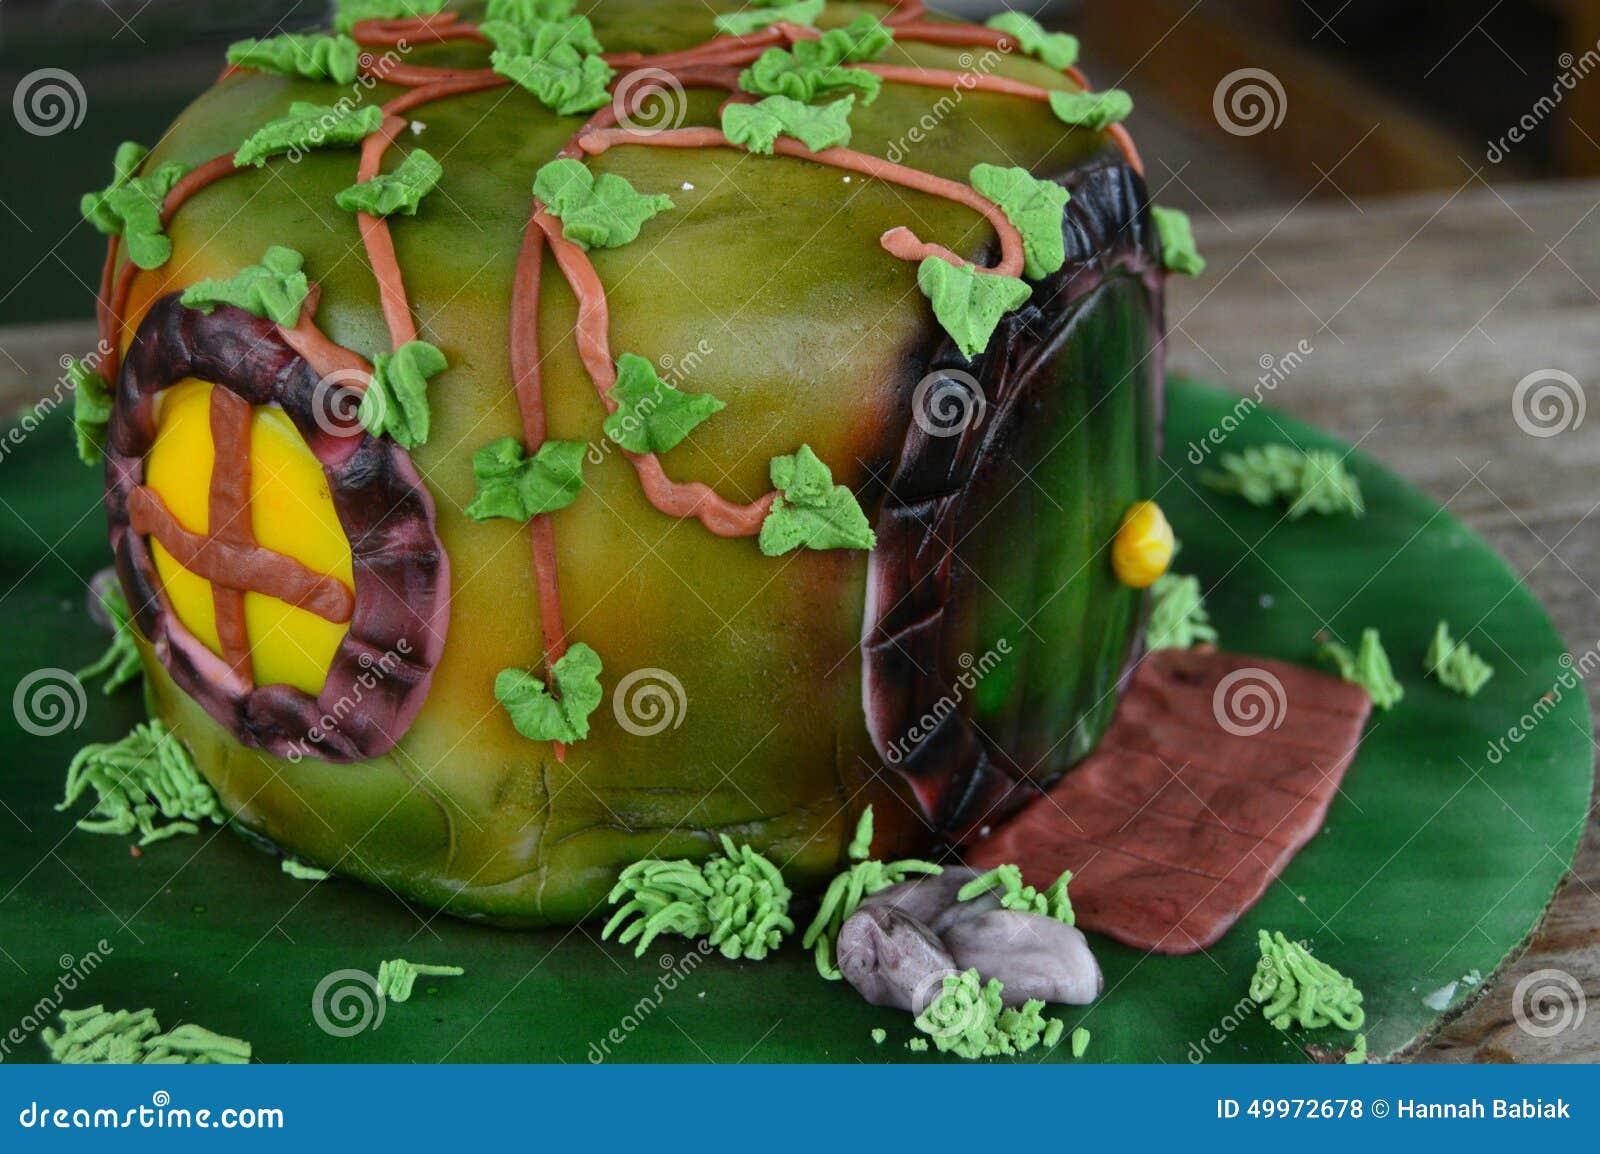 Hobbit Hole Decorated Cake